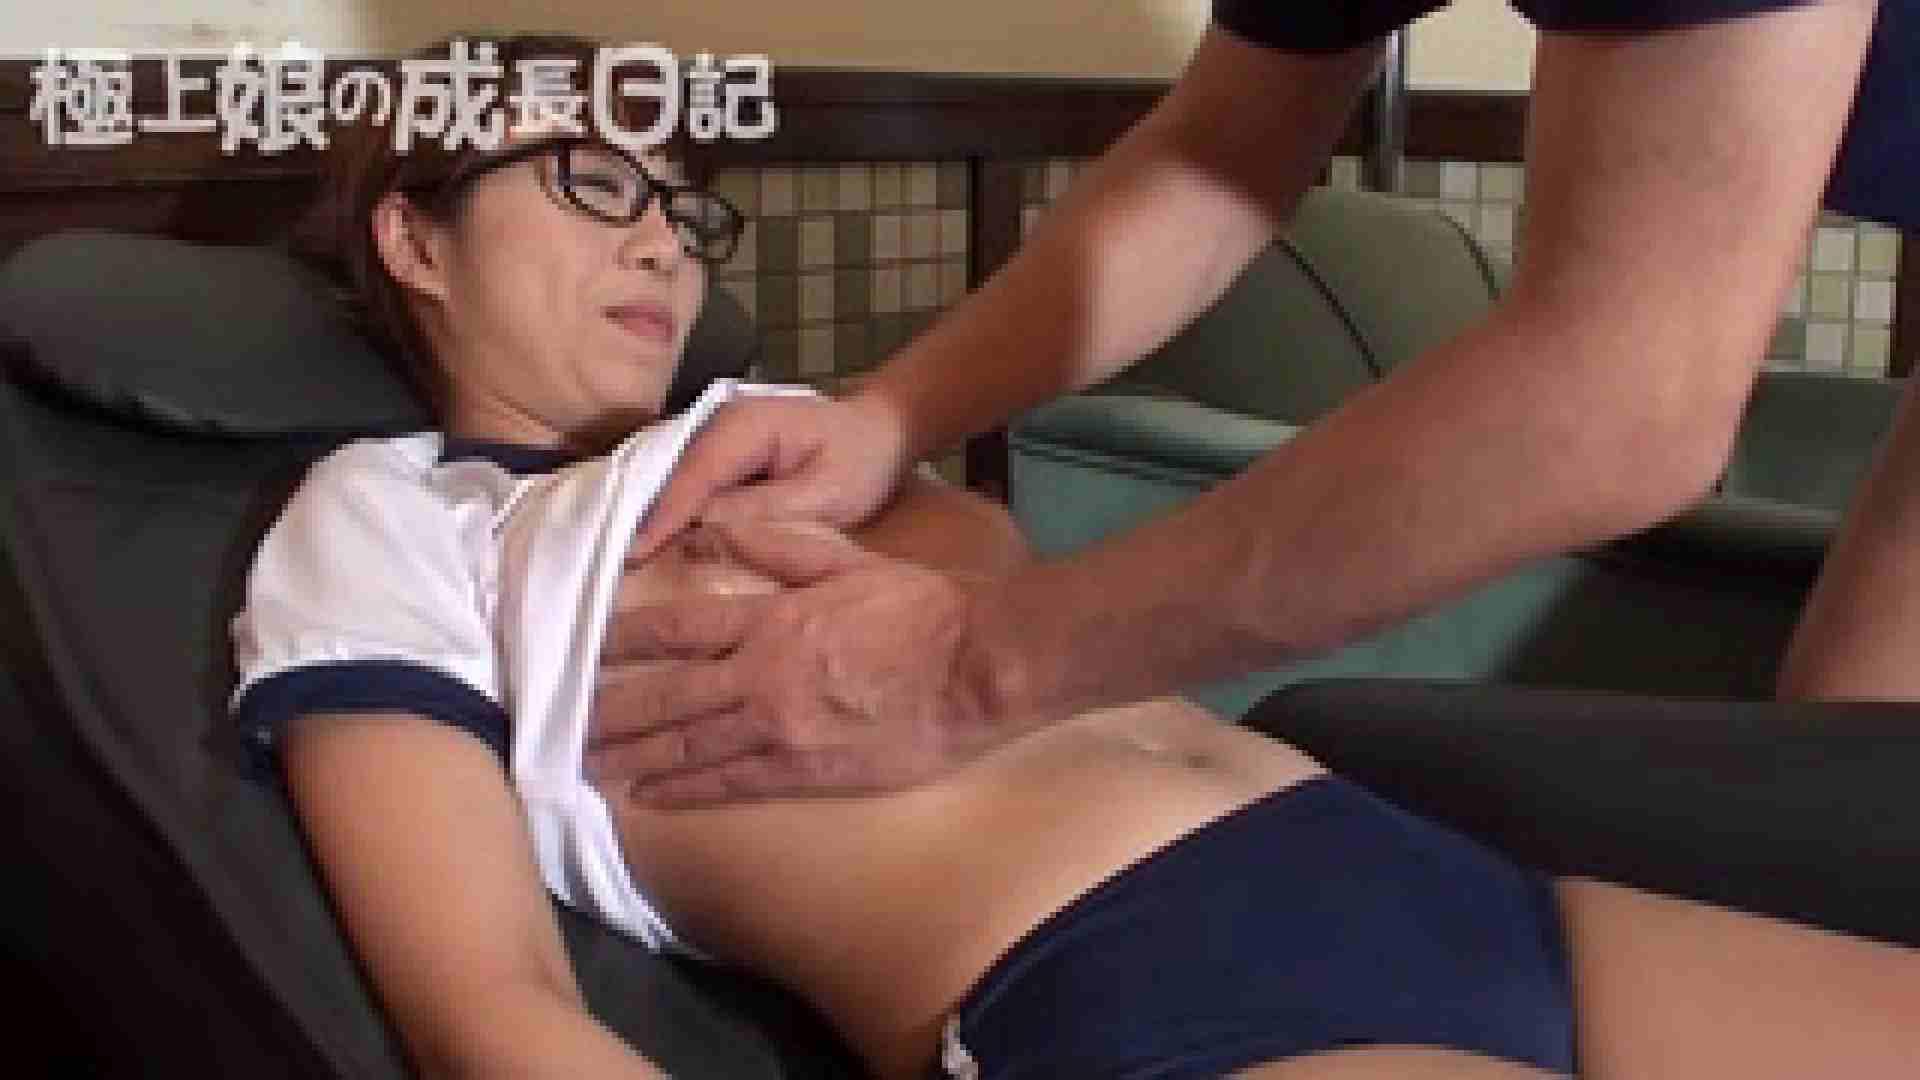 極上素人嬢の成長日記 コスプレハメ撮りブルマ編 マッサージ アダルト動画キャプチャ 110pic 73